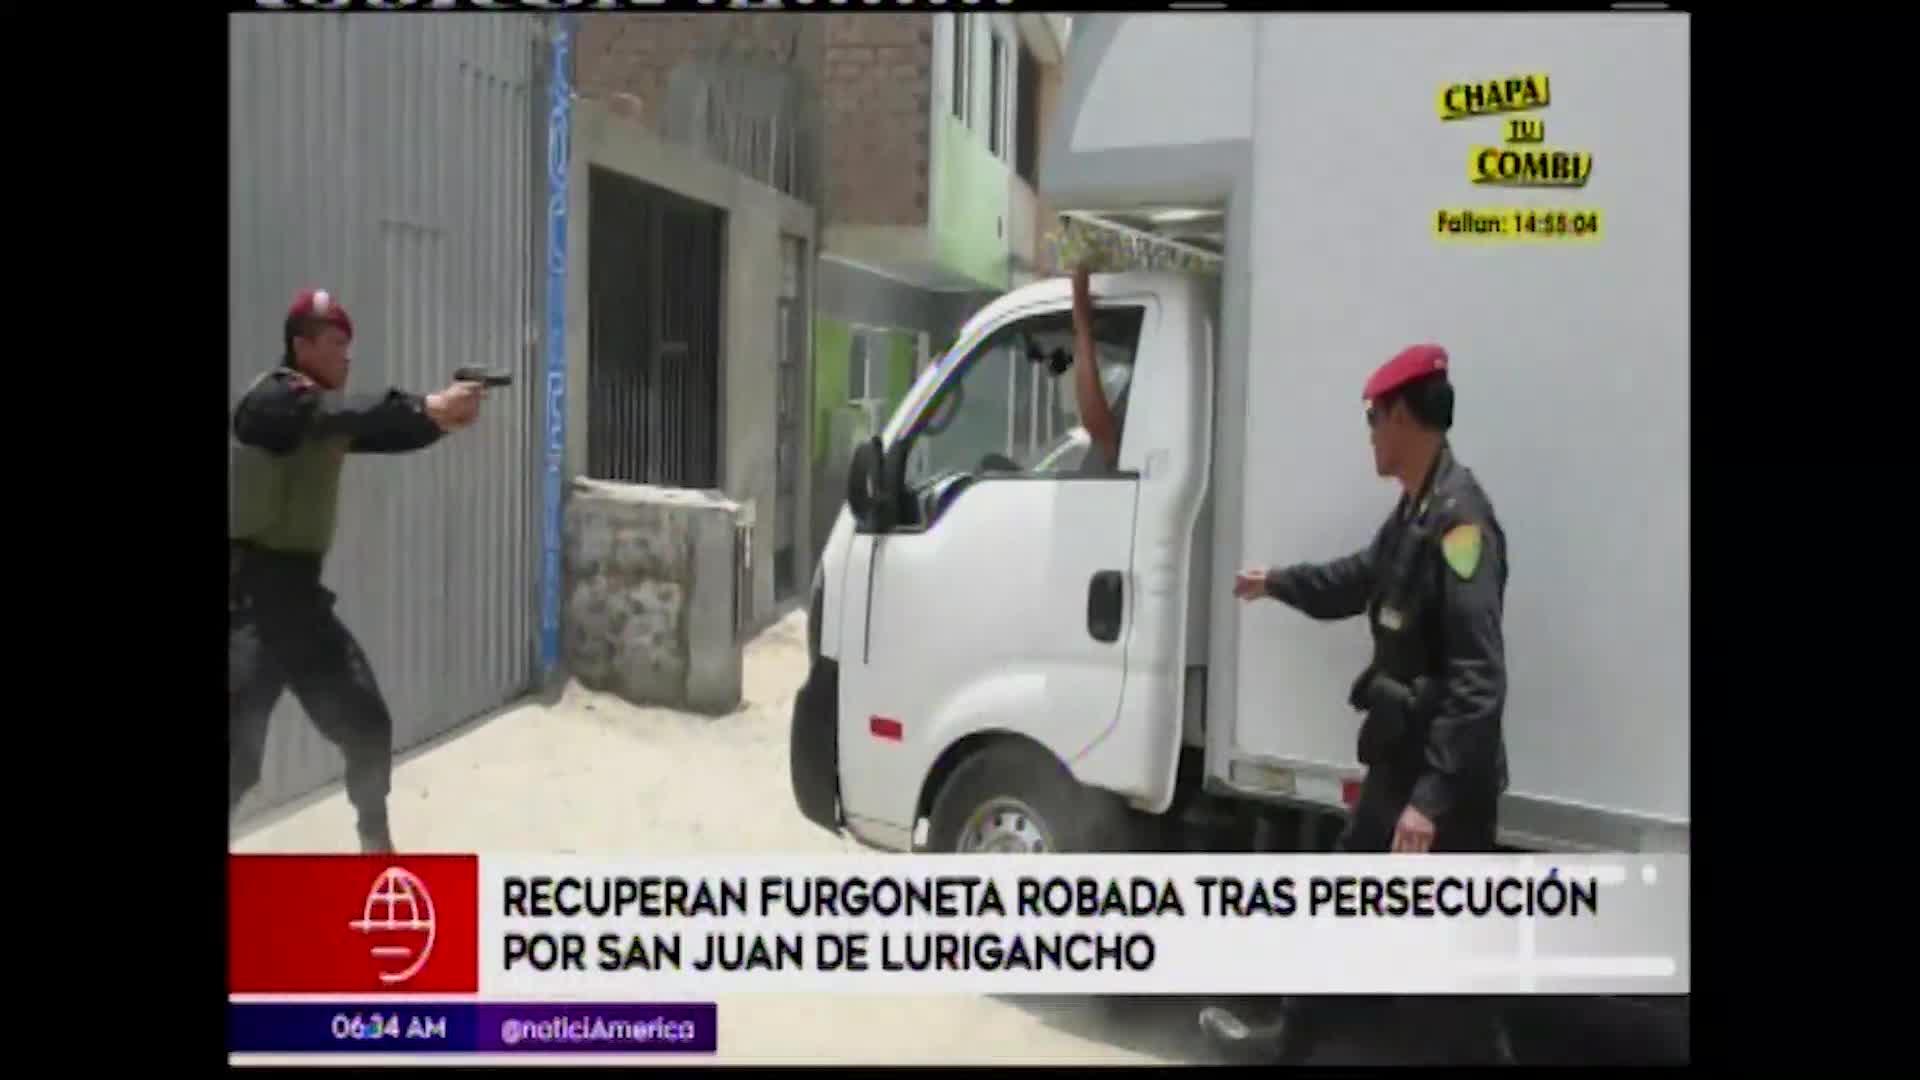 Policía detiene a delincuente que robó furgoneta en San Juan de Lurigancho